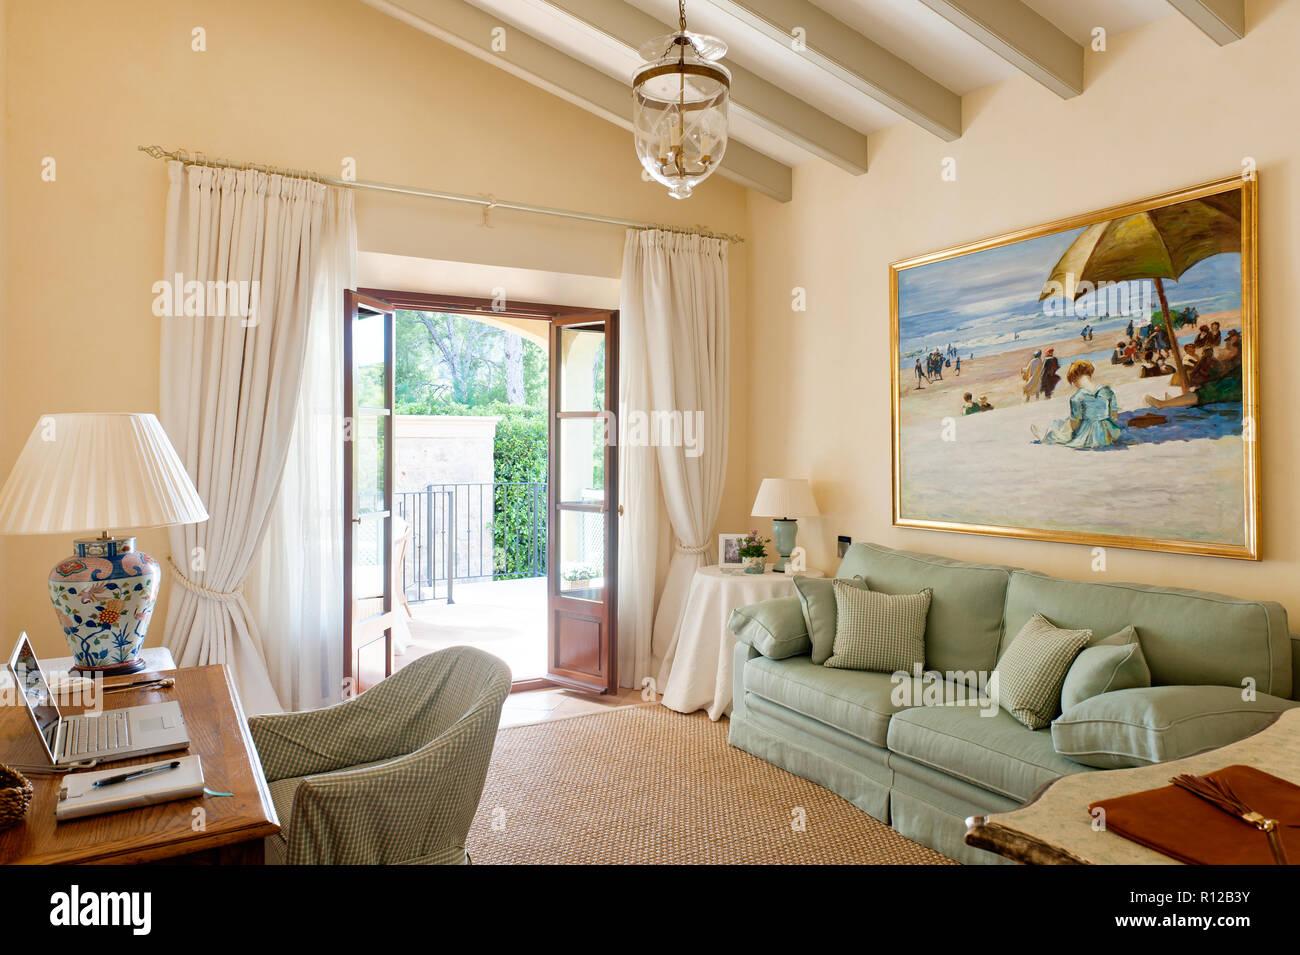 Grune Sofa Im Landhausstil Wohnzimmer Stockfotografie Alamy